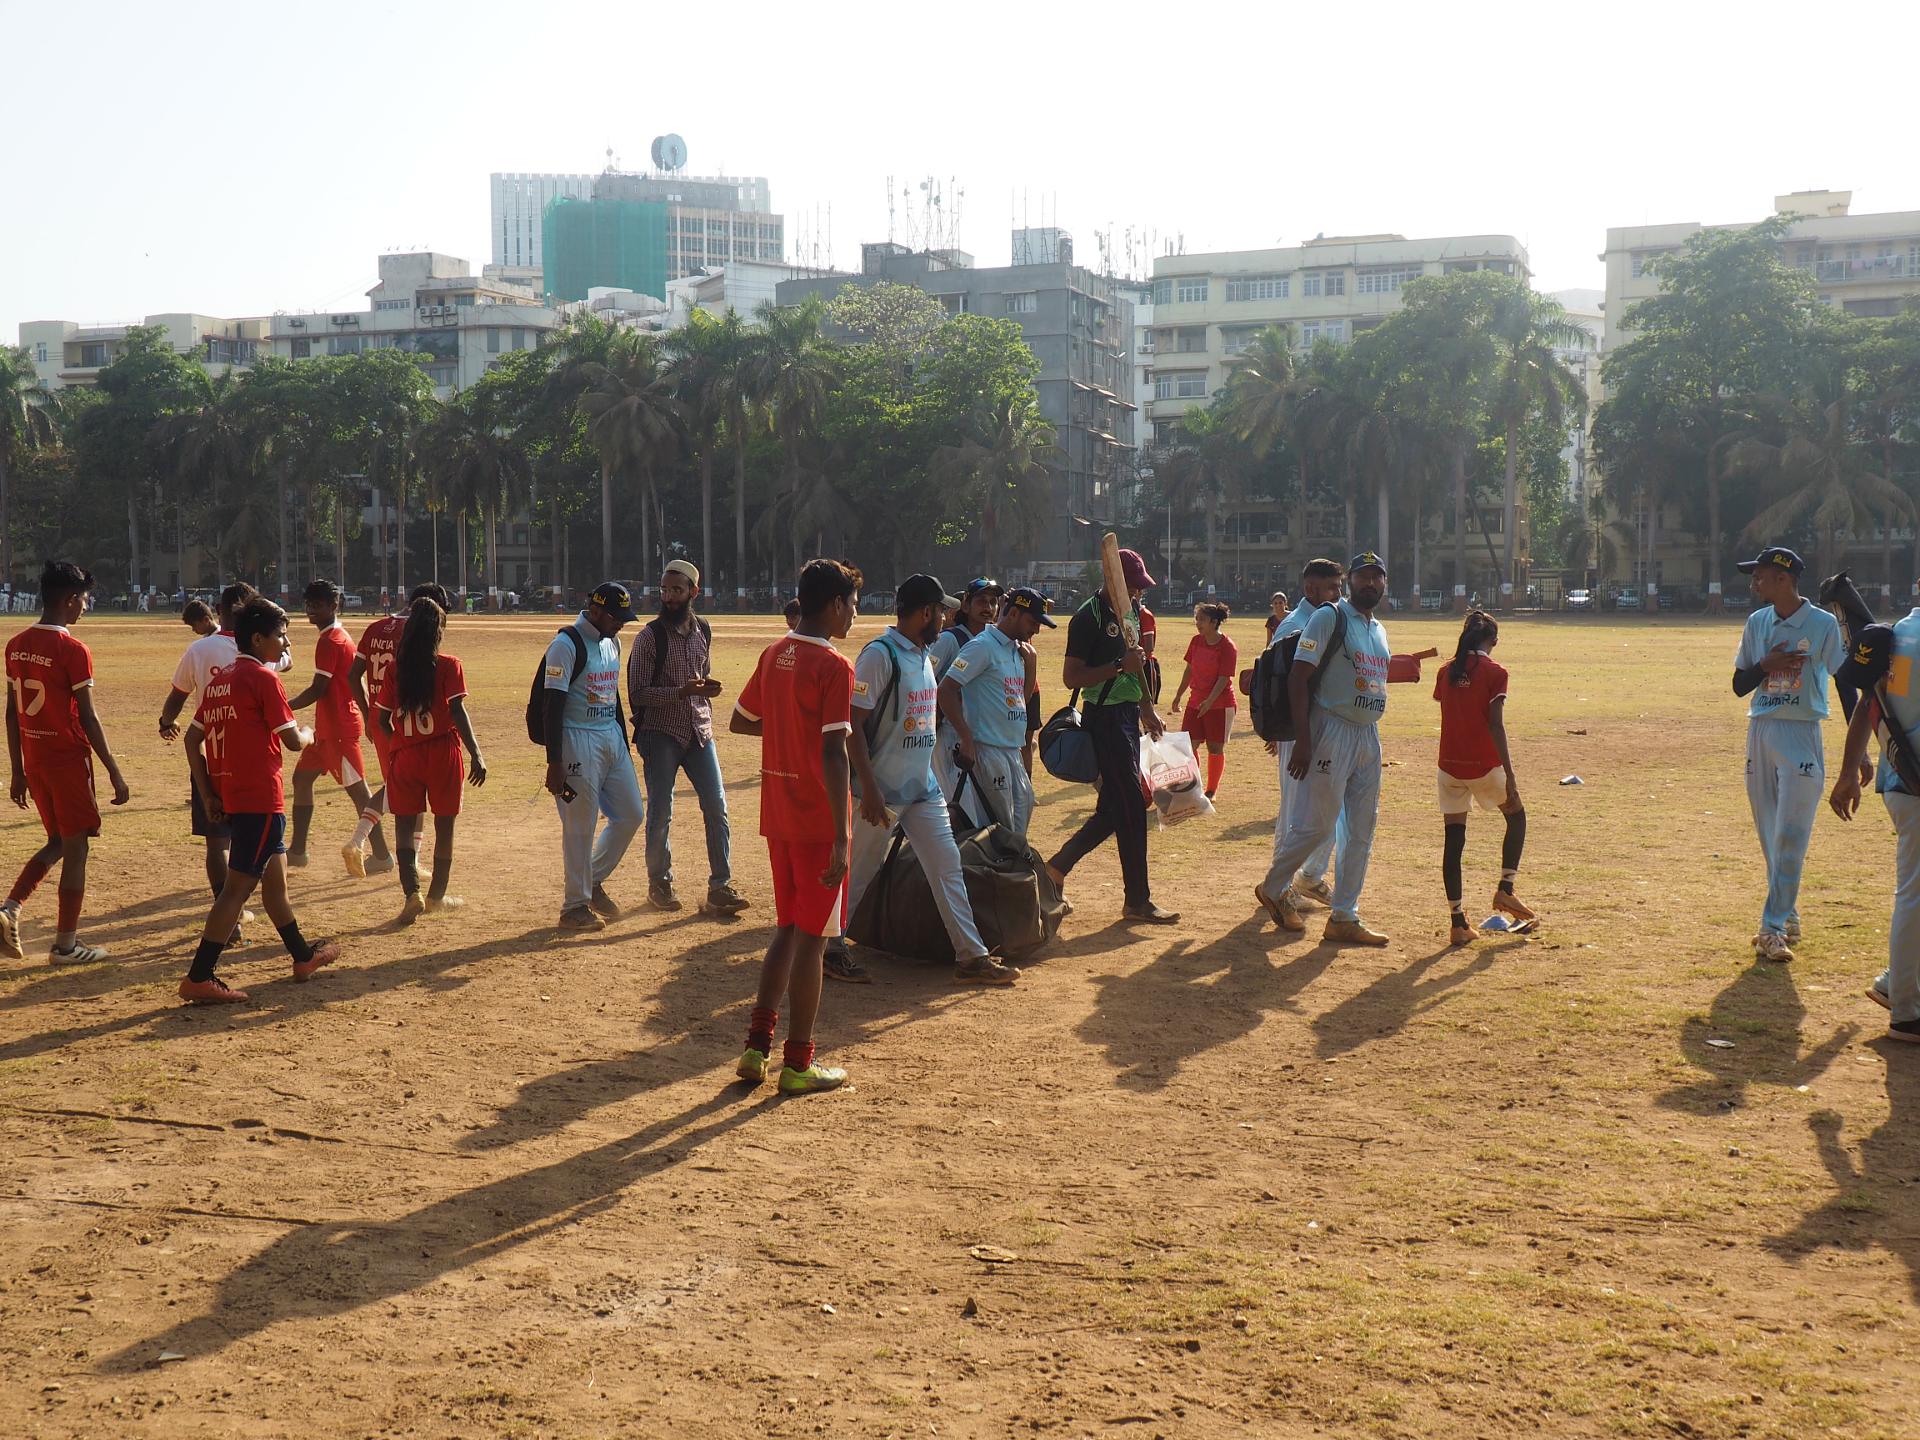 Det är ingen hemlighet att cricket totaldominerar den indiska sportscenen. På Oval Ground, där Oscar Foundation tränar, får de trängas med flera cricketspelare.Foto Karl Sundström